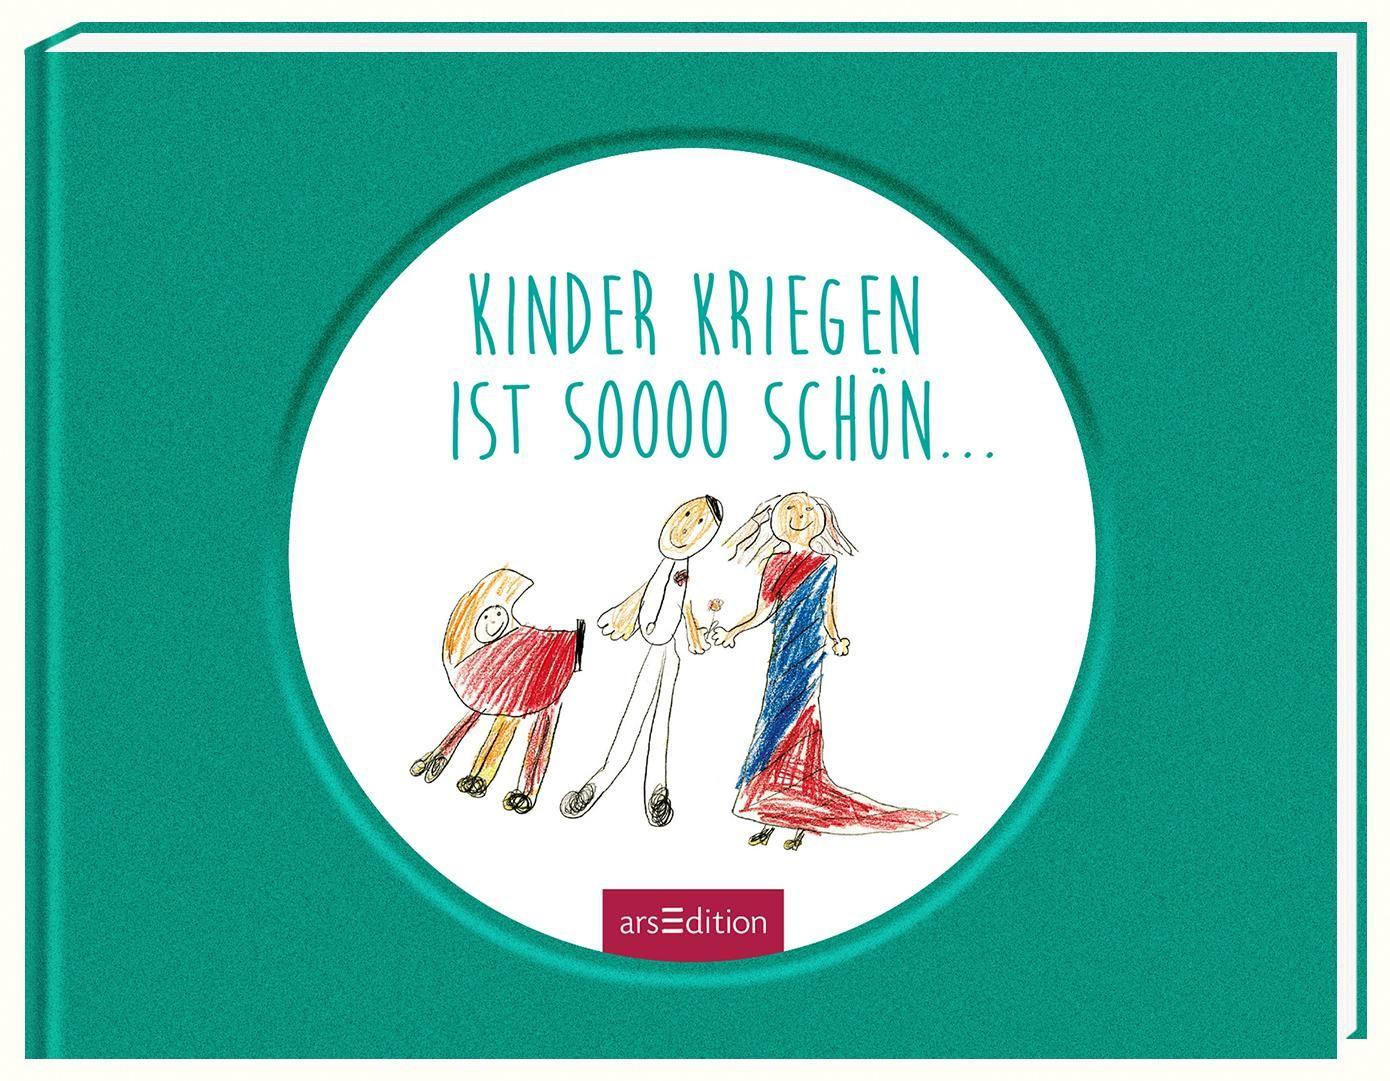 Avoir Des Enfants Est Chaleureuse Belle | Jan Kuhl | 9783760750699-afficher Le Titre D'origine Renforcement De La Taille Et Des Nerfs